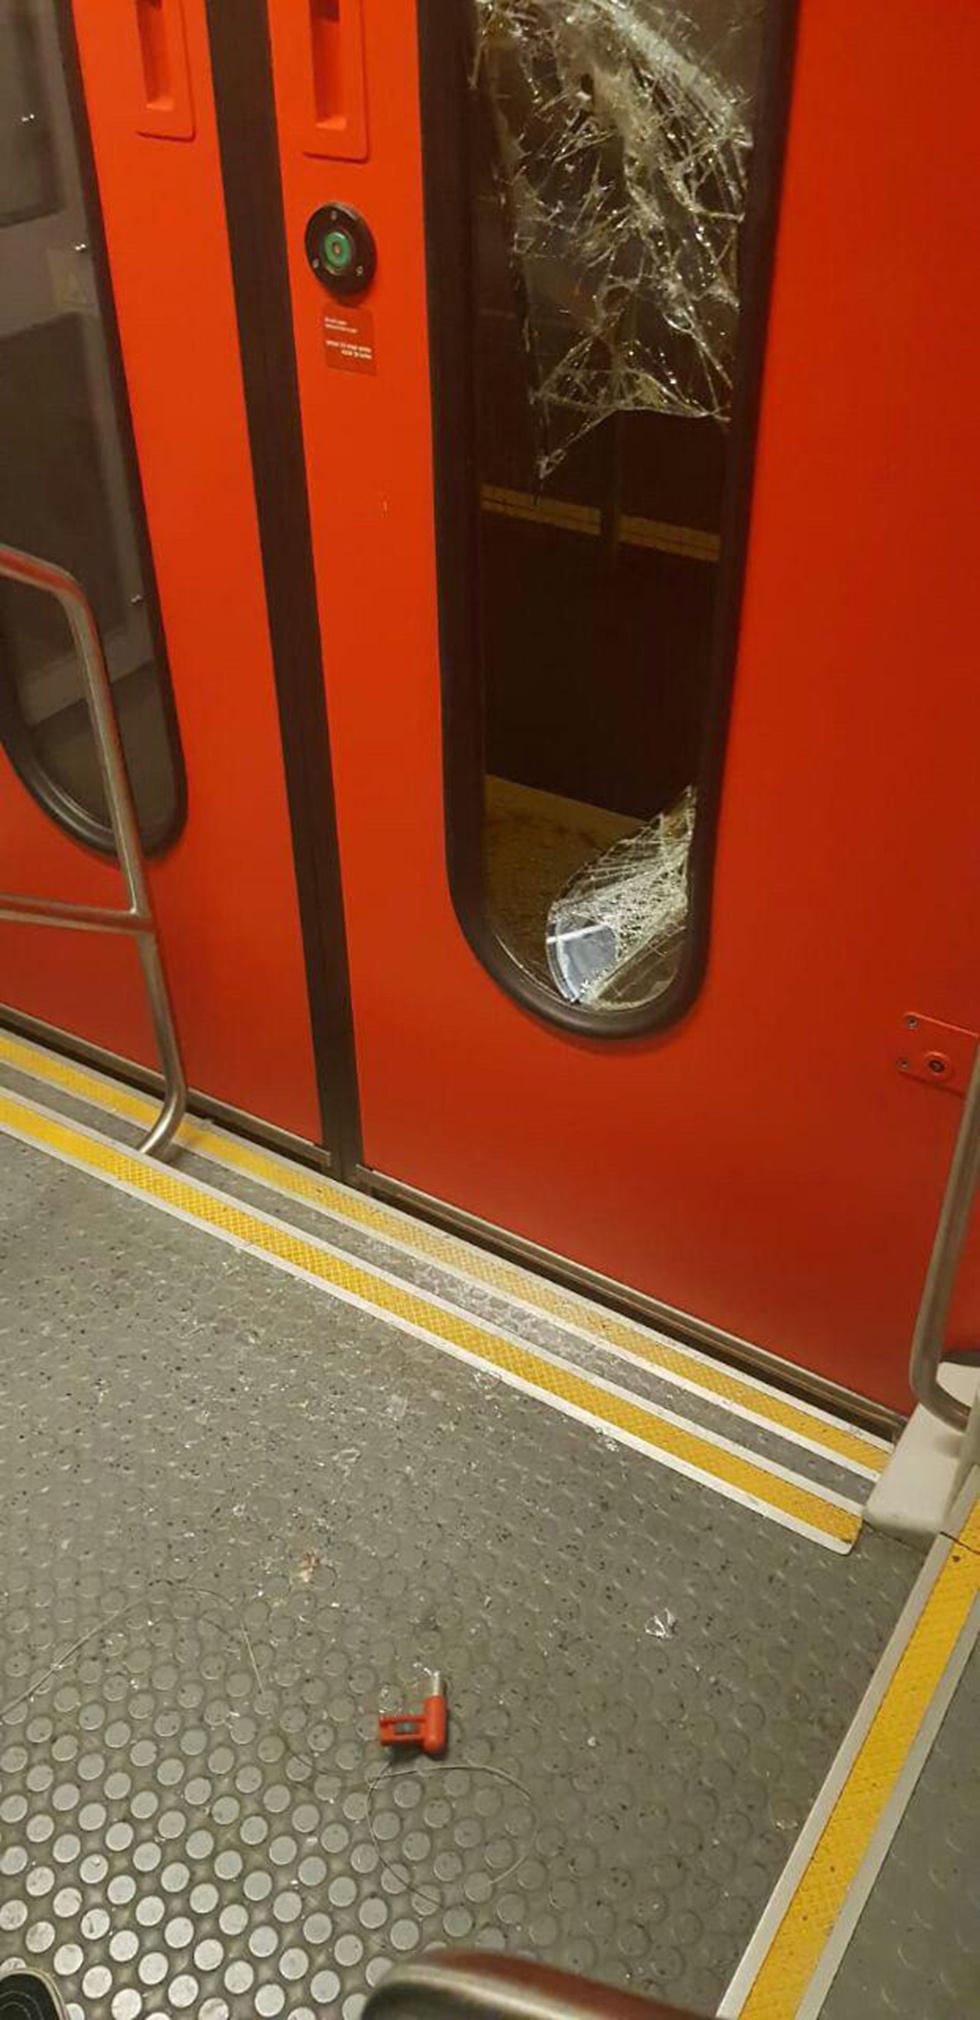 המחדלים החמורים של ברכבת של ישראל כץ והוא עוד שר תחבורה  9250251010001009802020no